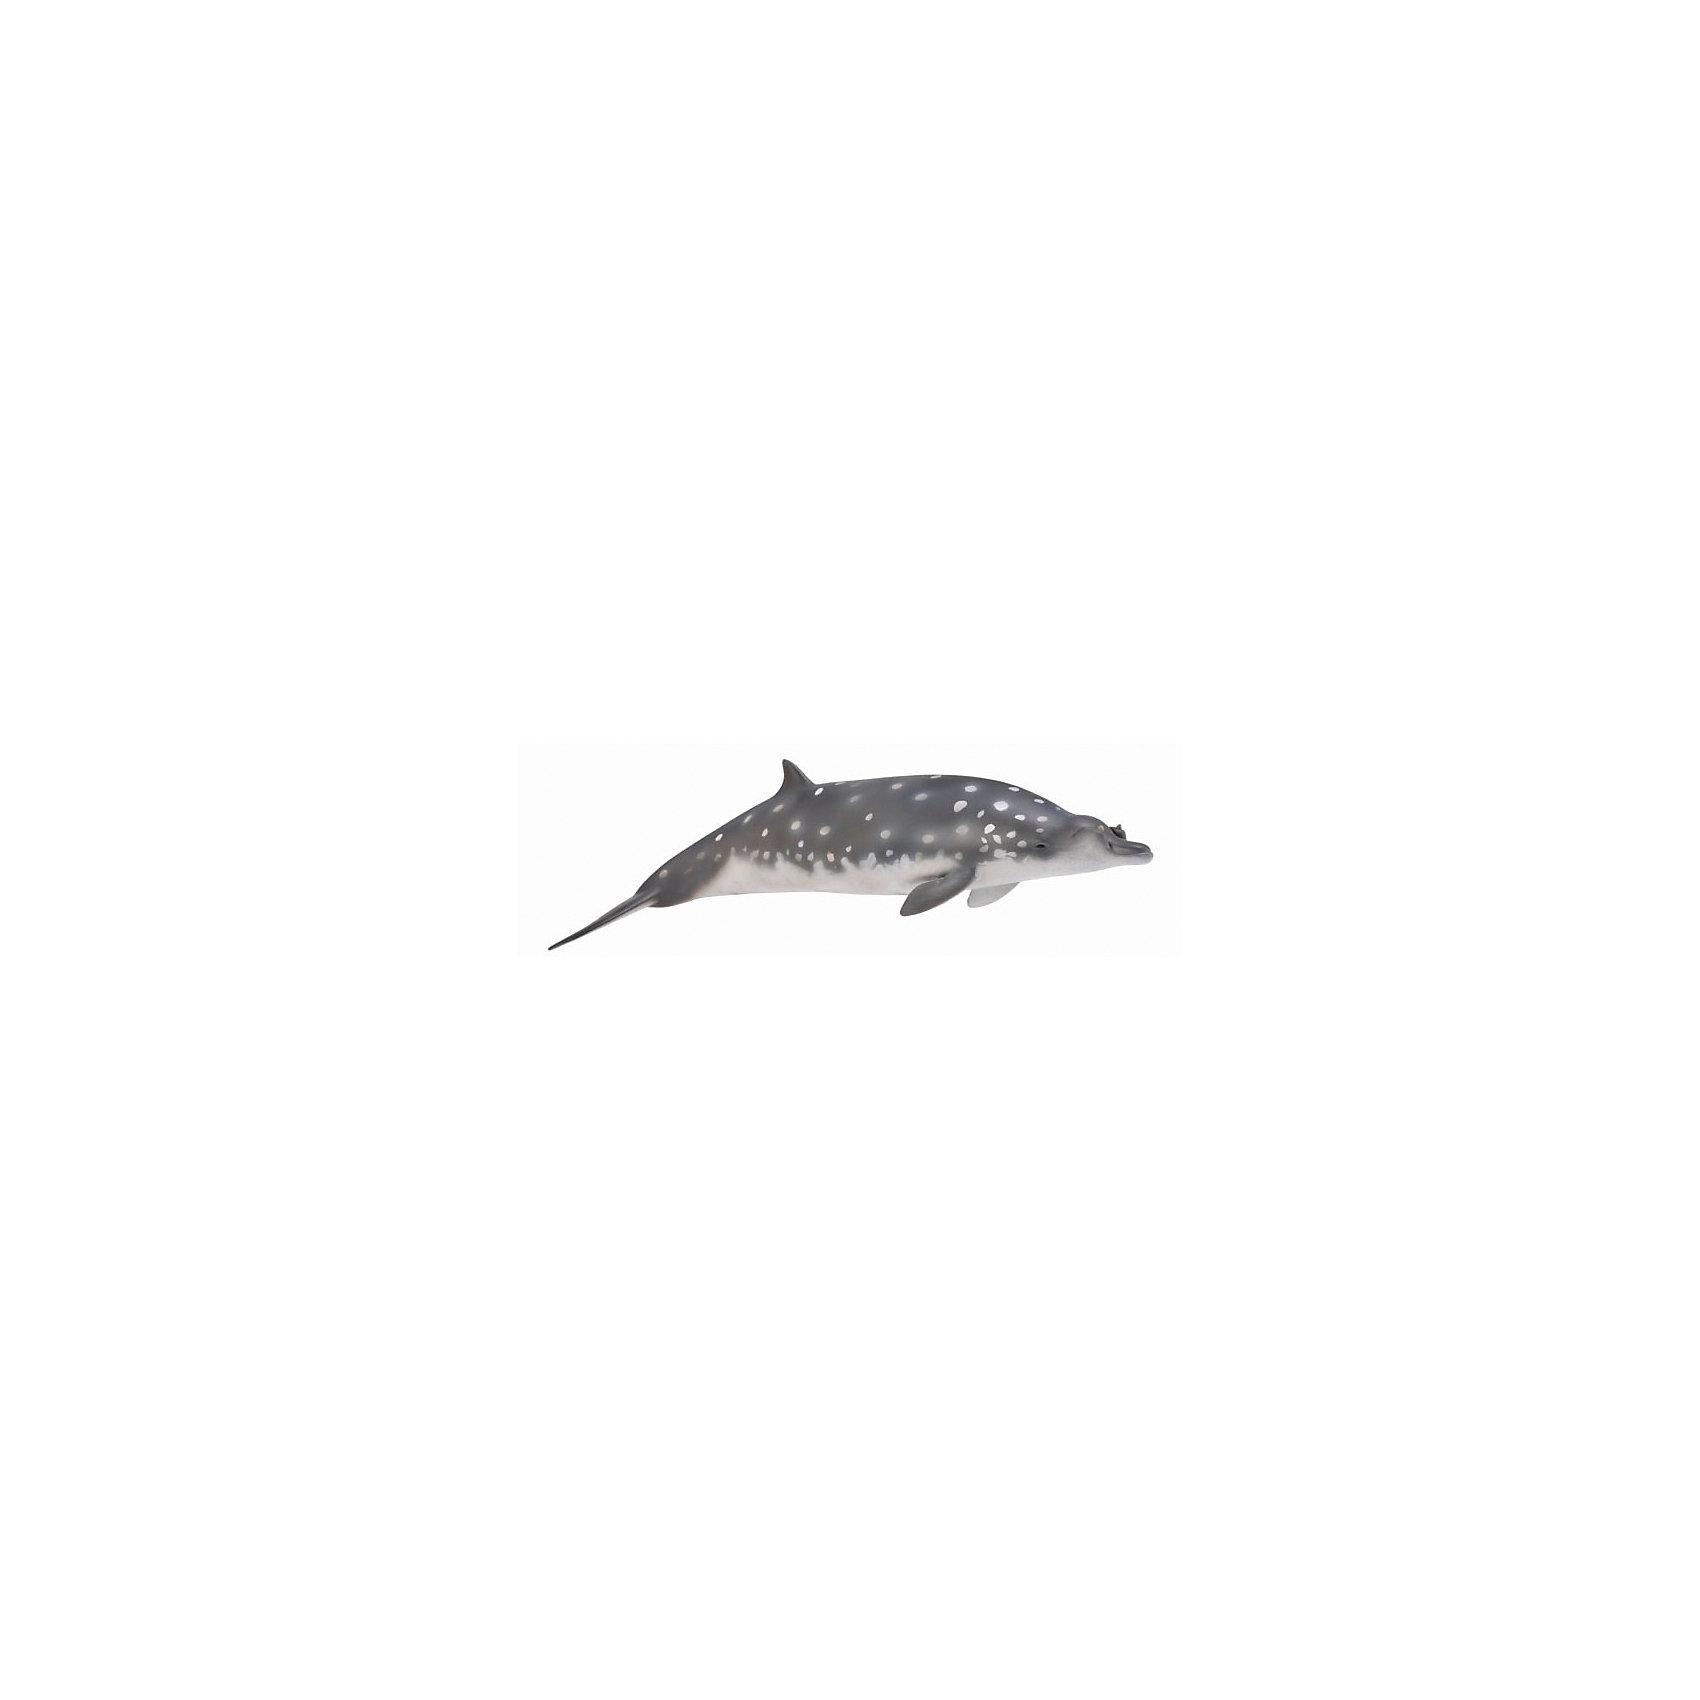 Клюворылый кит, L, CollectaМир животных<br><br><br>Ширина мм: 200<br>Глубина мм: 10<br>Высота мм: 10<br>Вес г: 85<br>Возраст от месяцев: 36<br>Возраст до месяцев: 192<br>Пол: Унисекс<br>Возраст: Детский<br>SKU: 5534520